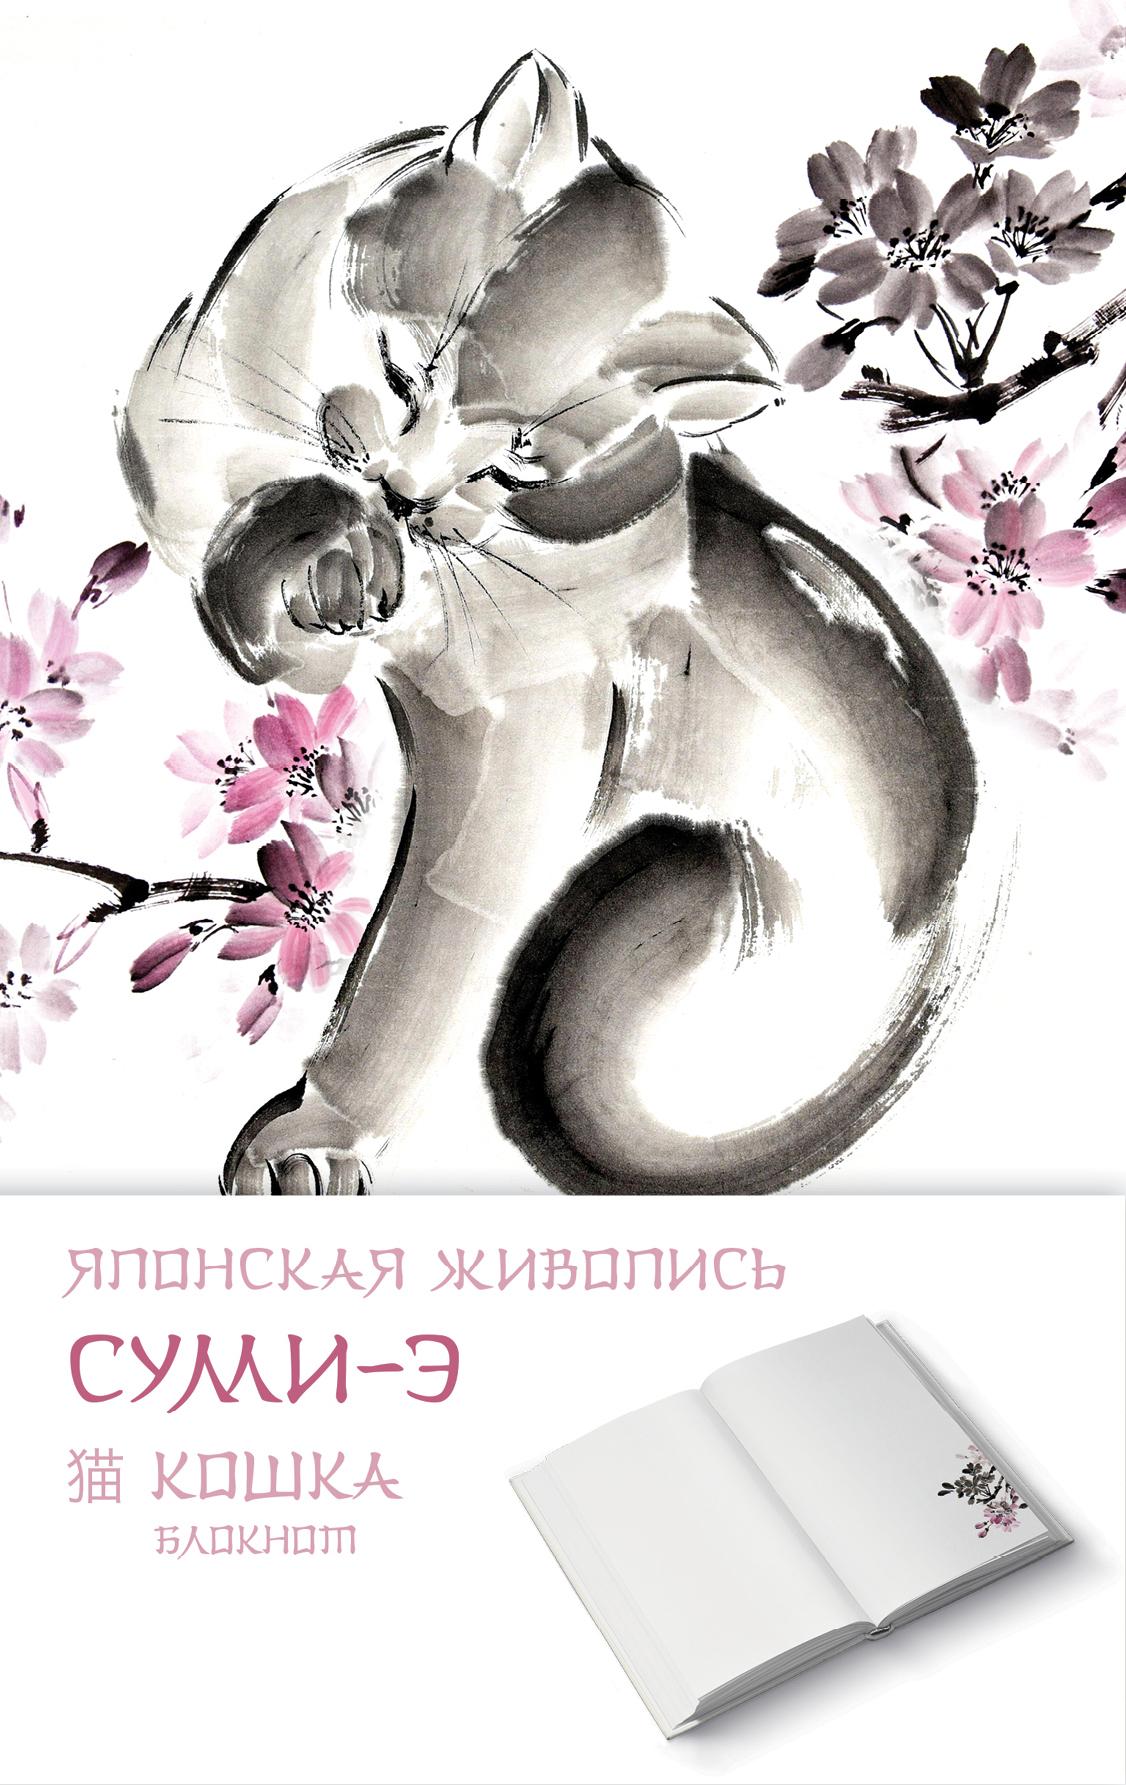 Японская живопись суми-э. Кошка. Блокнот блокнот cчастливой хозяйки которая всё успевает